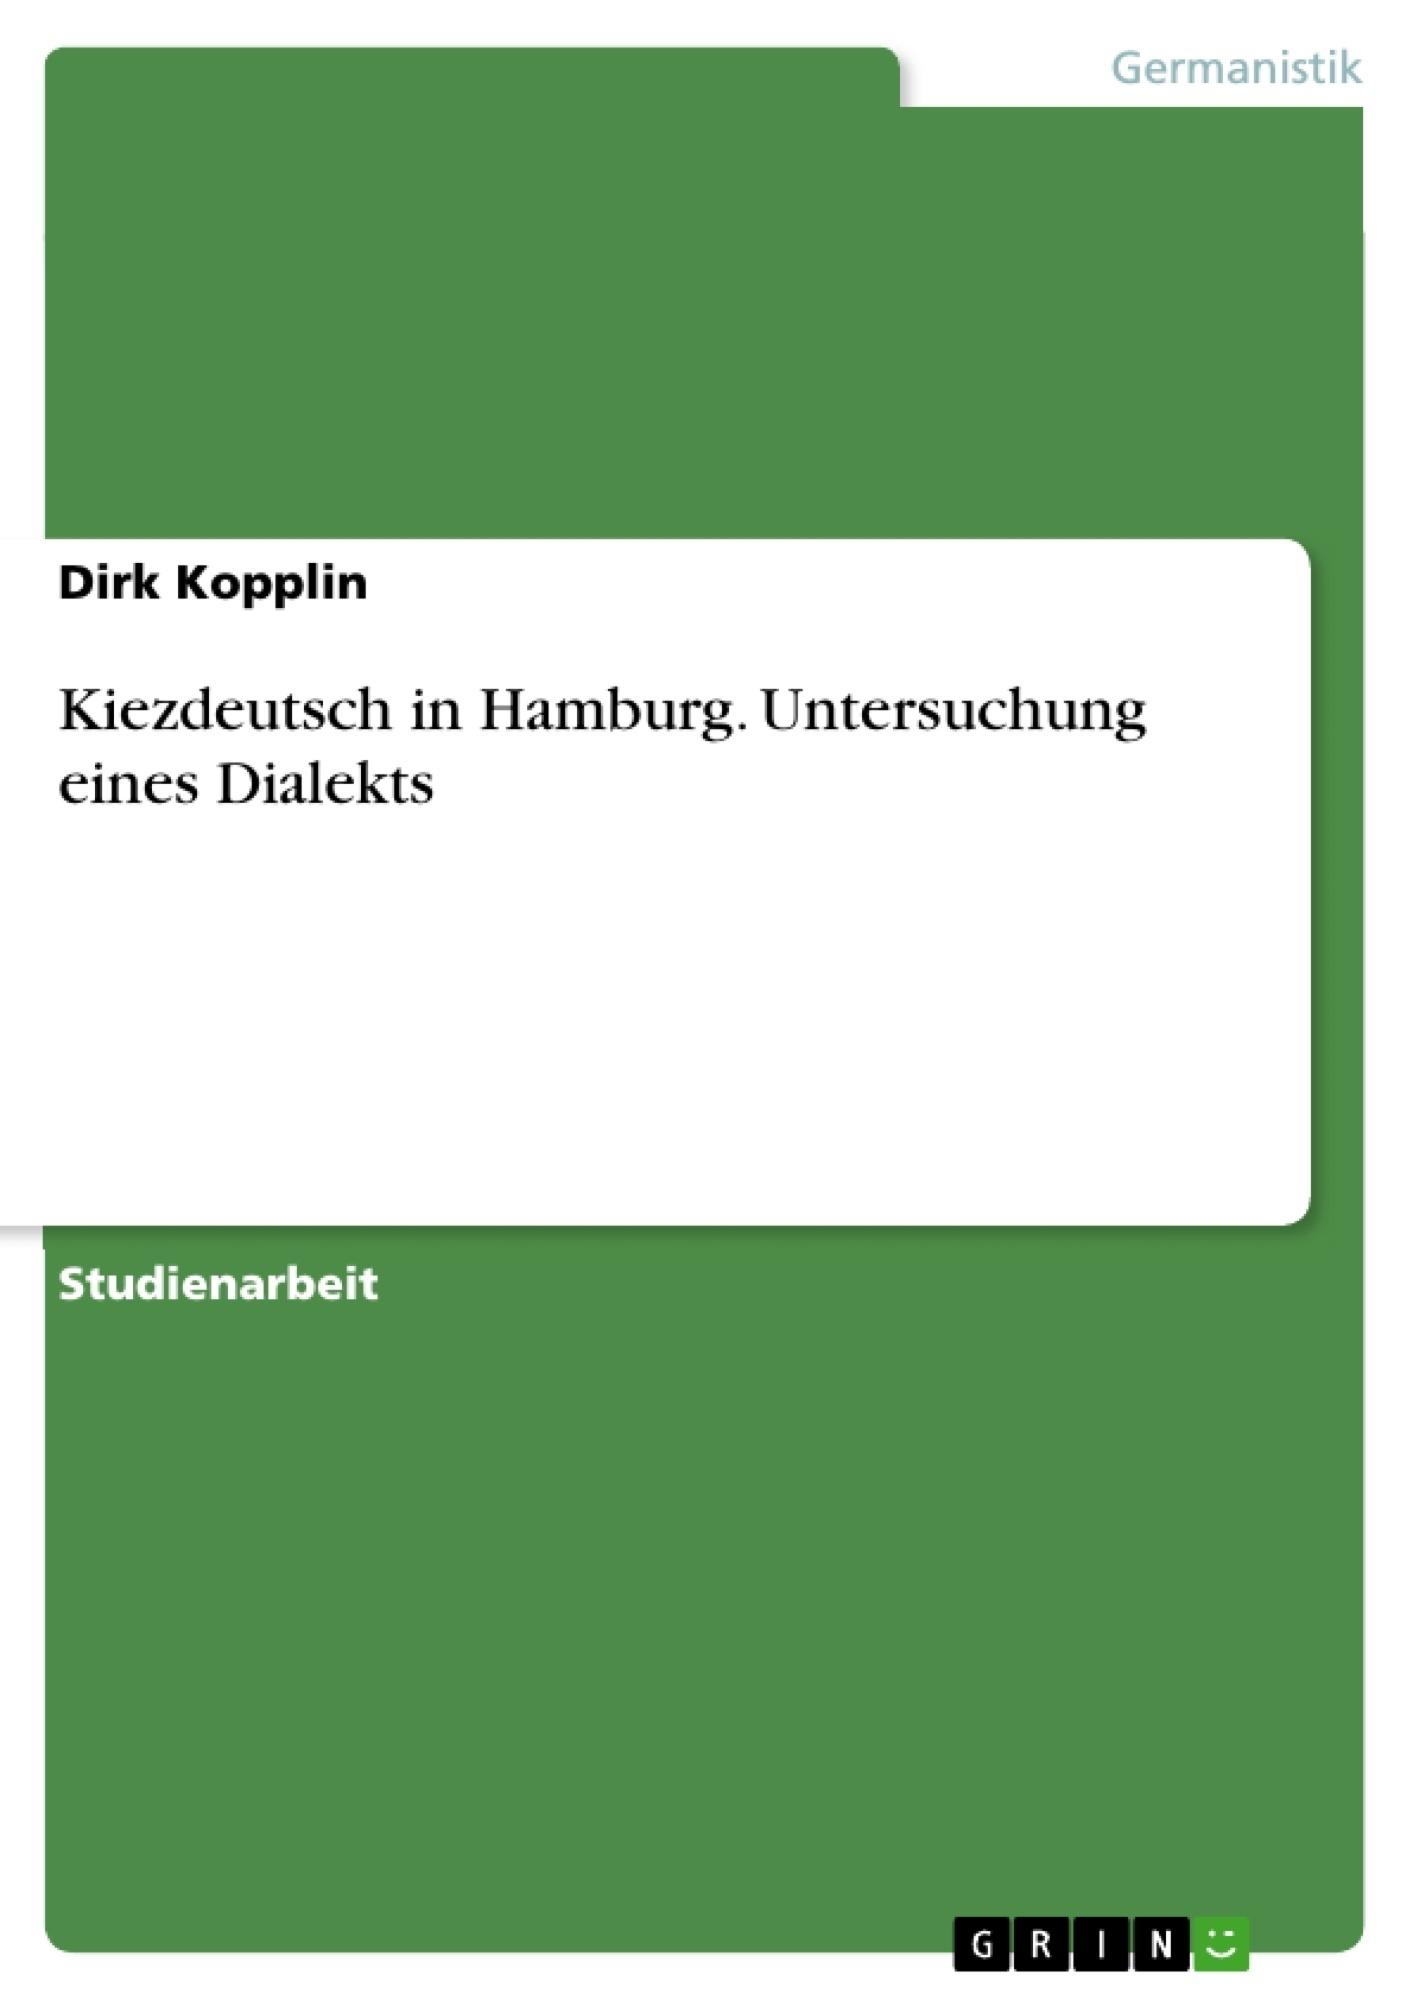 Titel: Kiezdeutsch in Hamburg. Untersuchung eines Dialekts